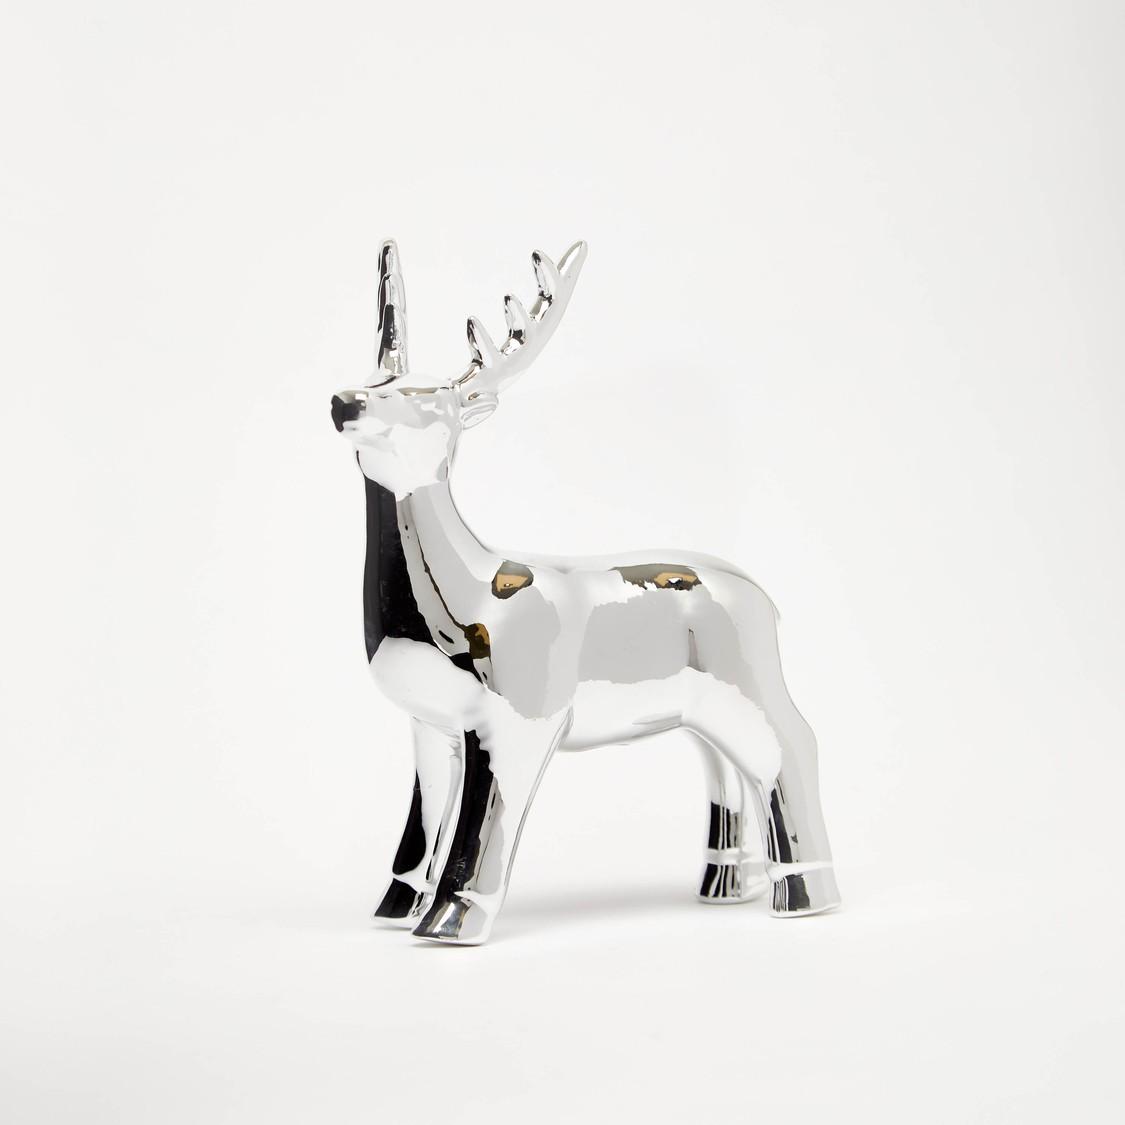 ديكور بتصميم حيوان الرنة